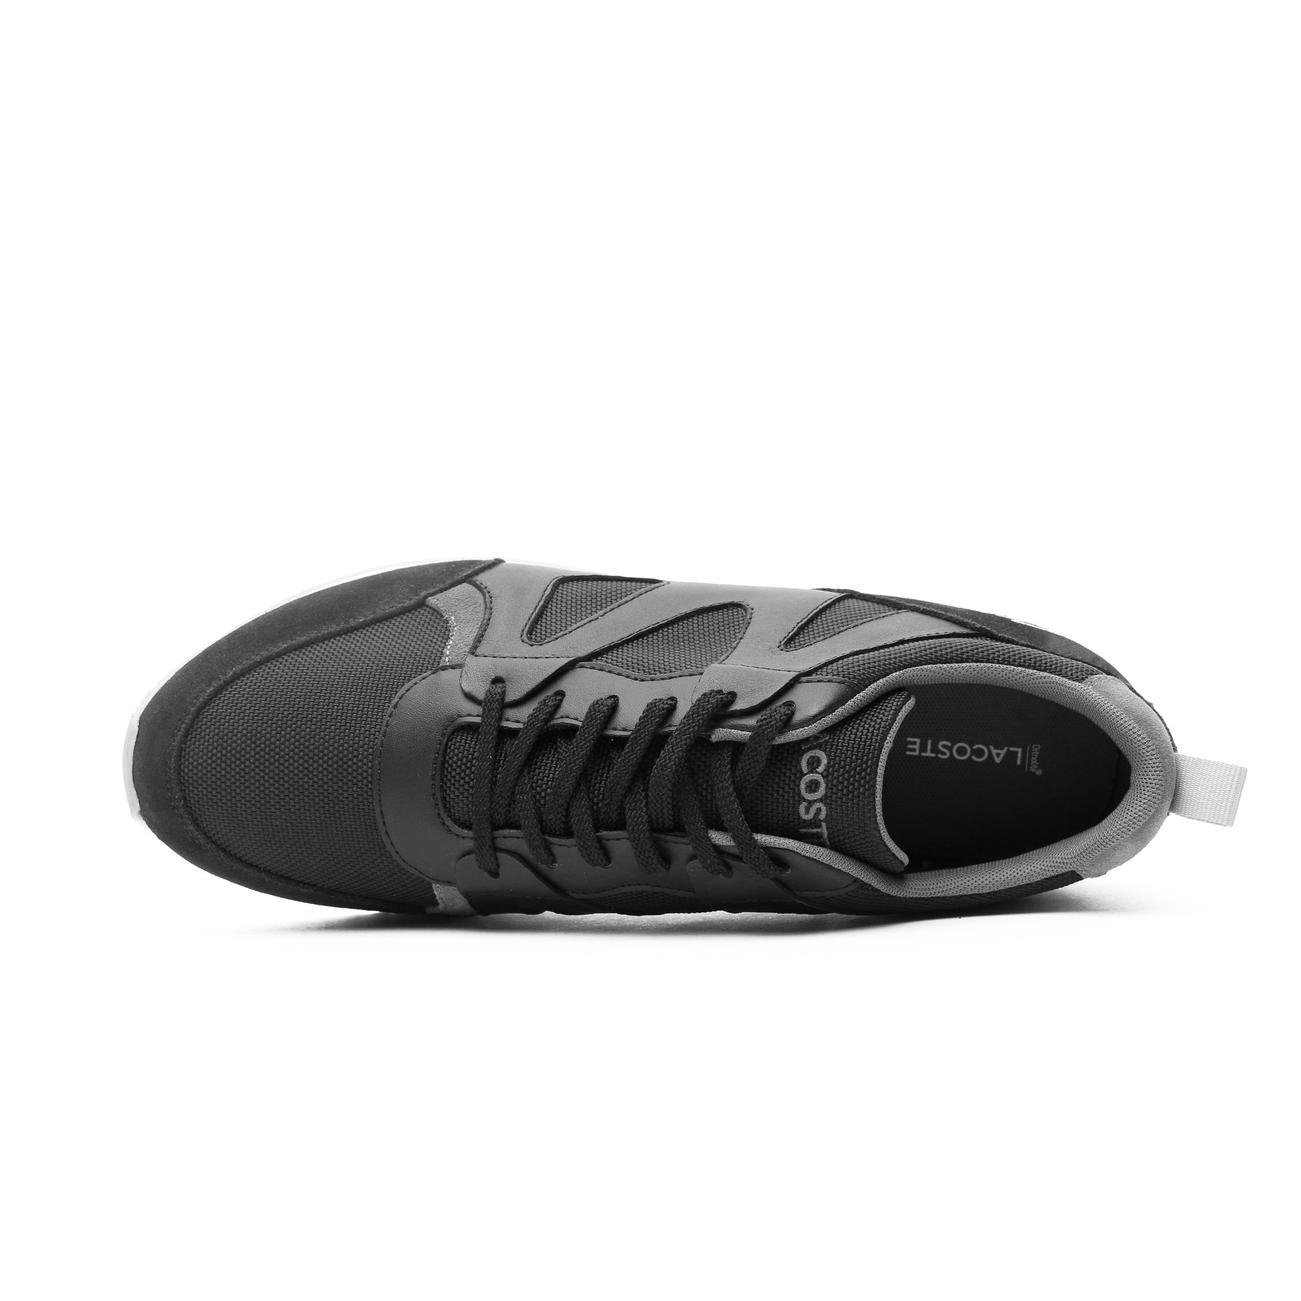 Lacoste Aesthet Erkek Siyah Spor Ayakkabı